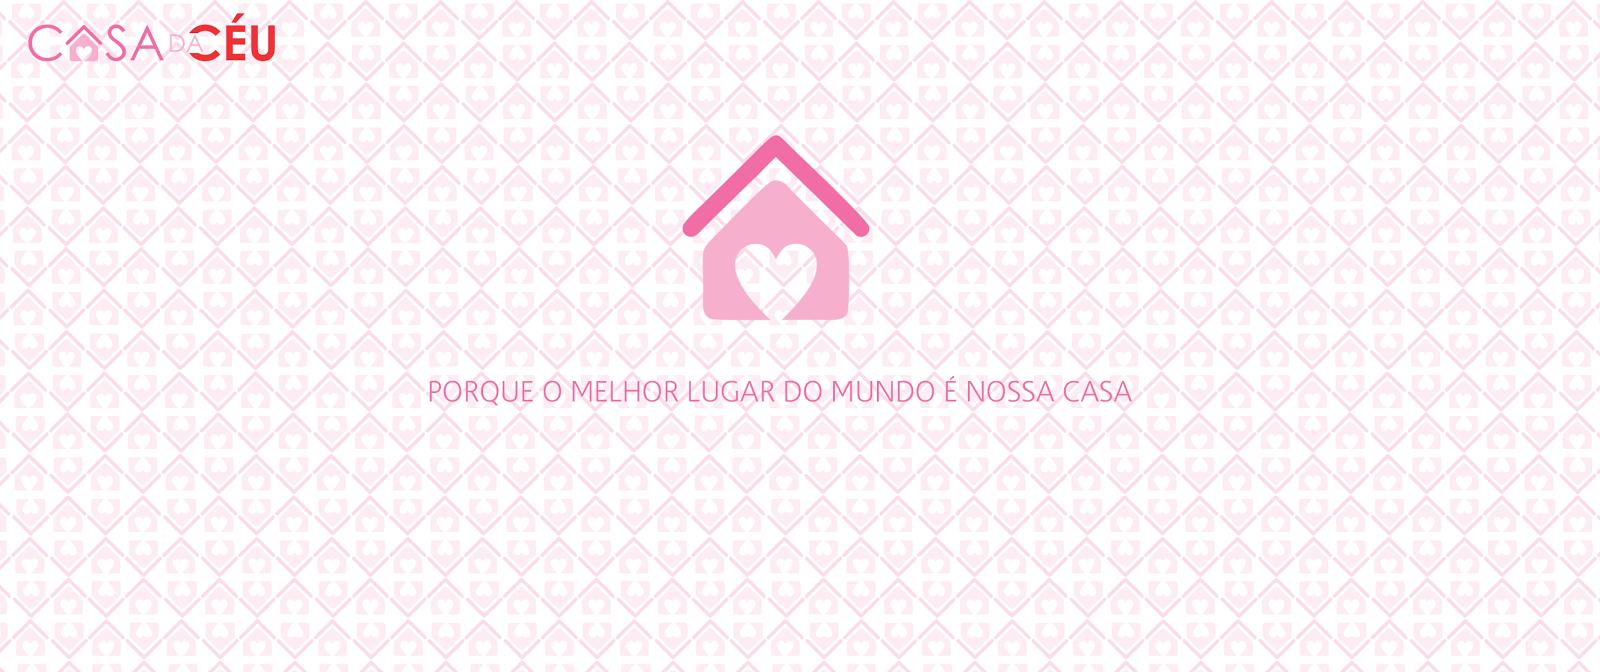 casadaceu.blogspot.com